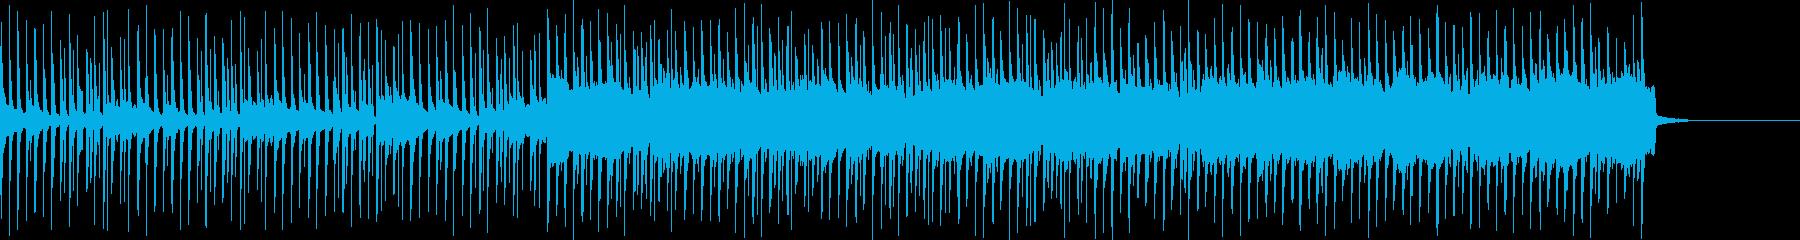 Pf「隠密」和風現代ジャズの再生済みの波形